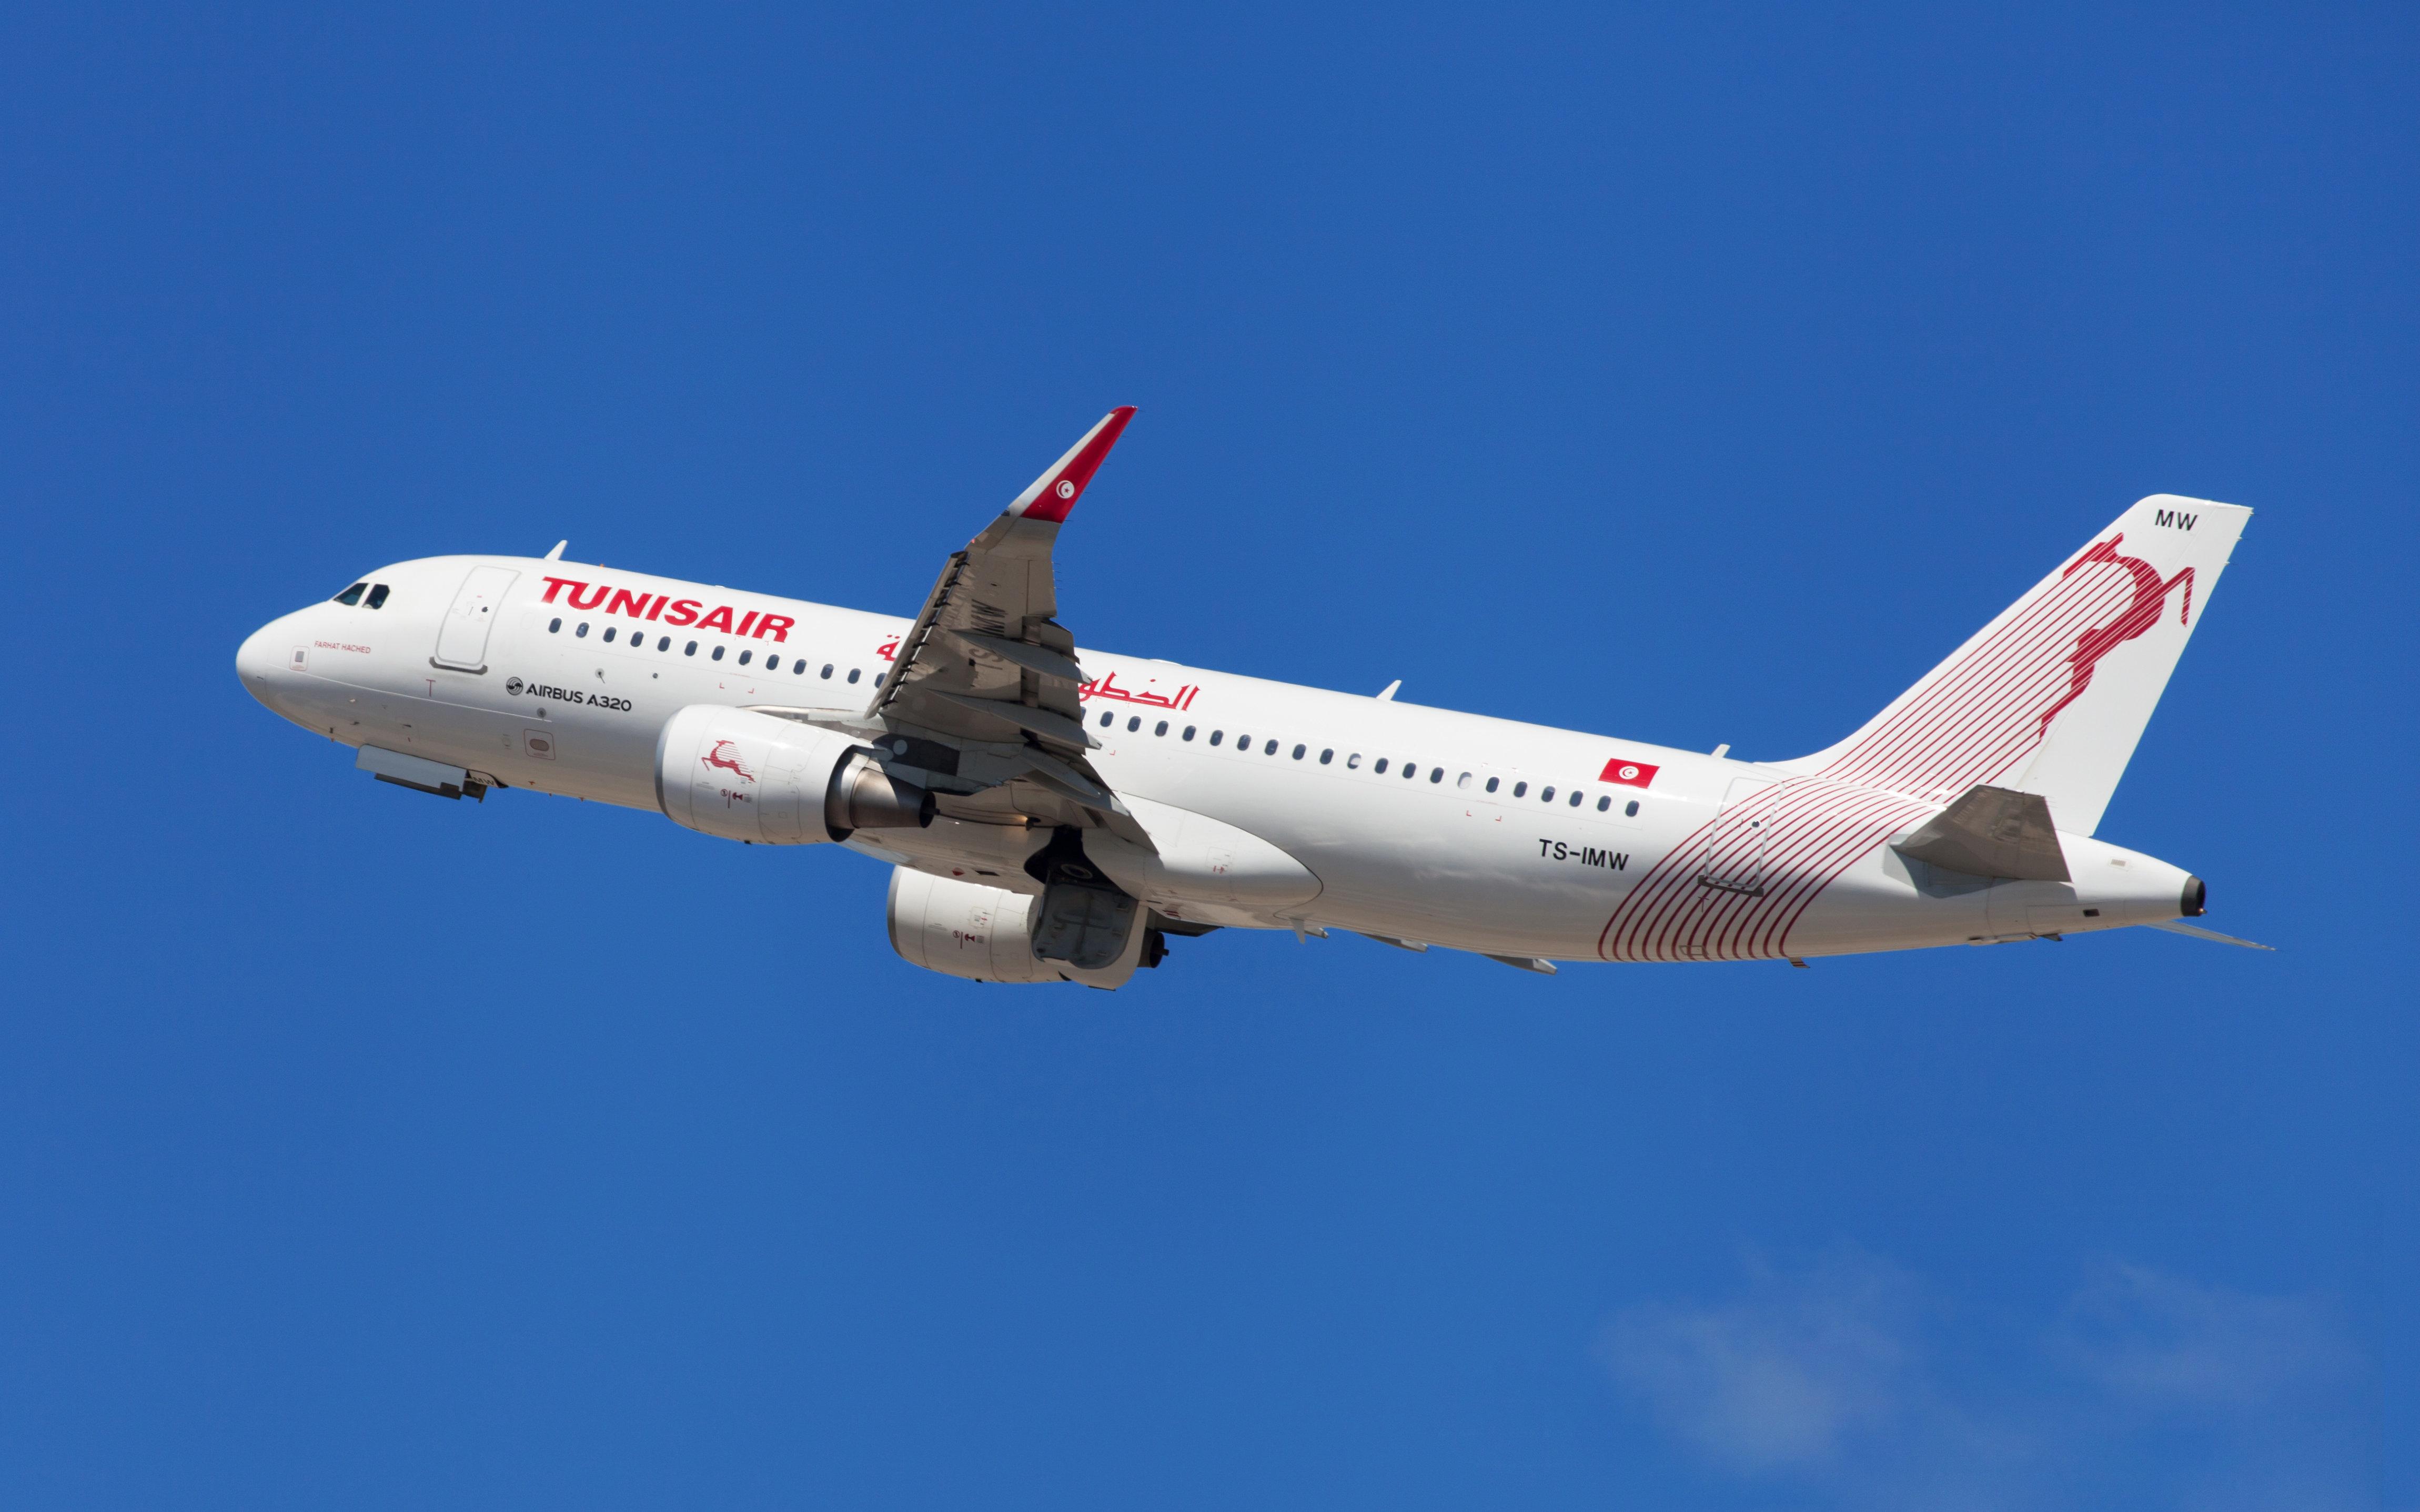 Environ 2 milliards de dinars de pertes pour Tunisair, suite à la grève